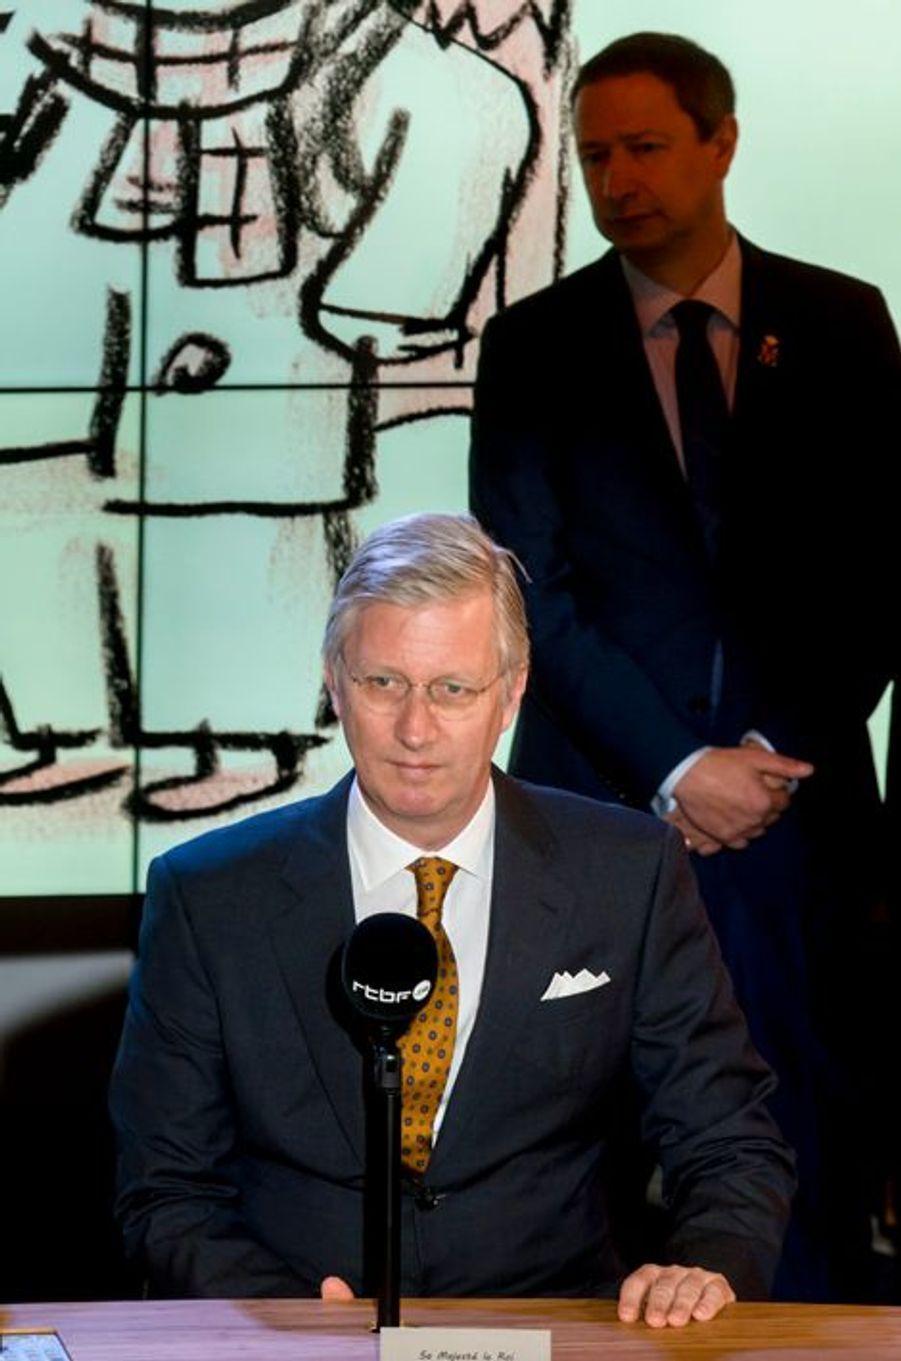 Le roi Philippe de Belgique dans les studios de la RTBF à Bruxelles, le 19 mars 2015